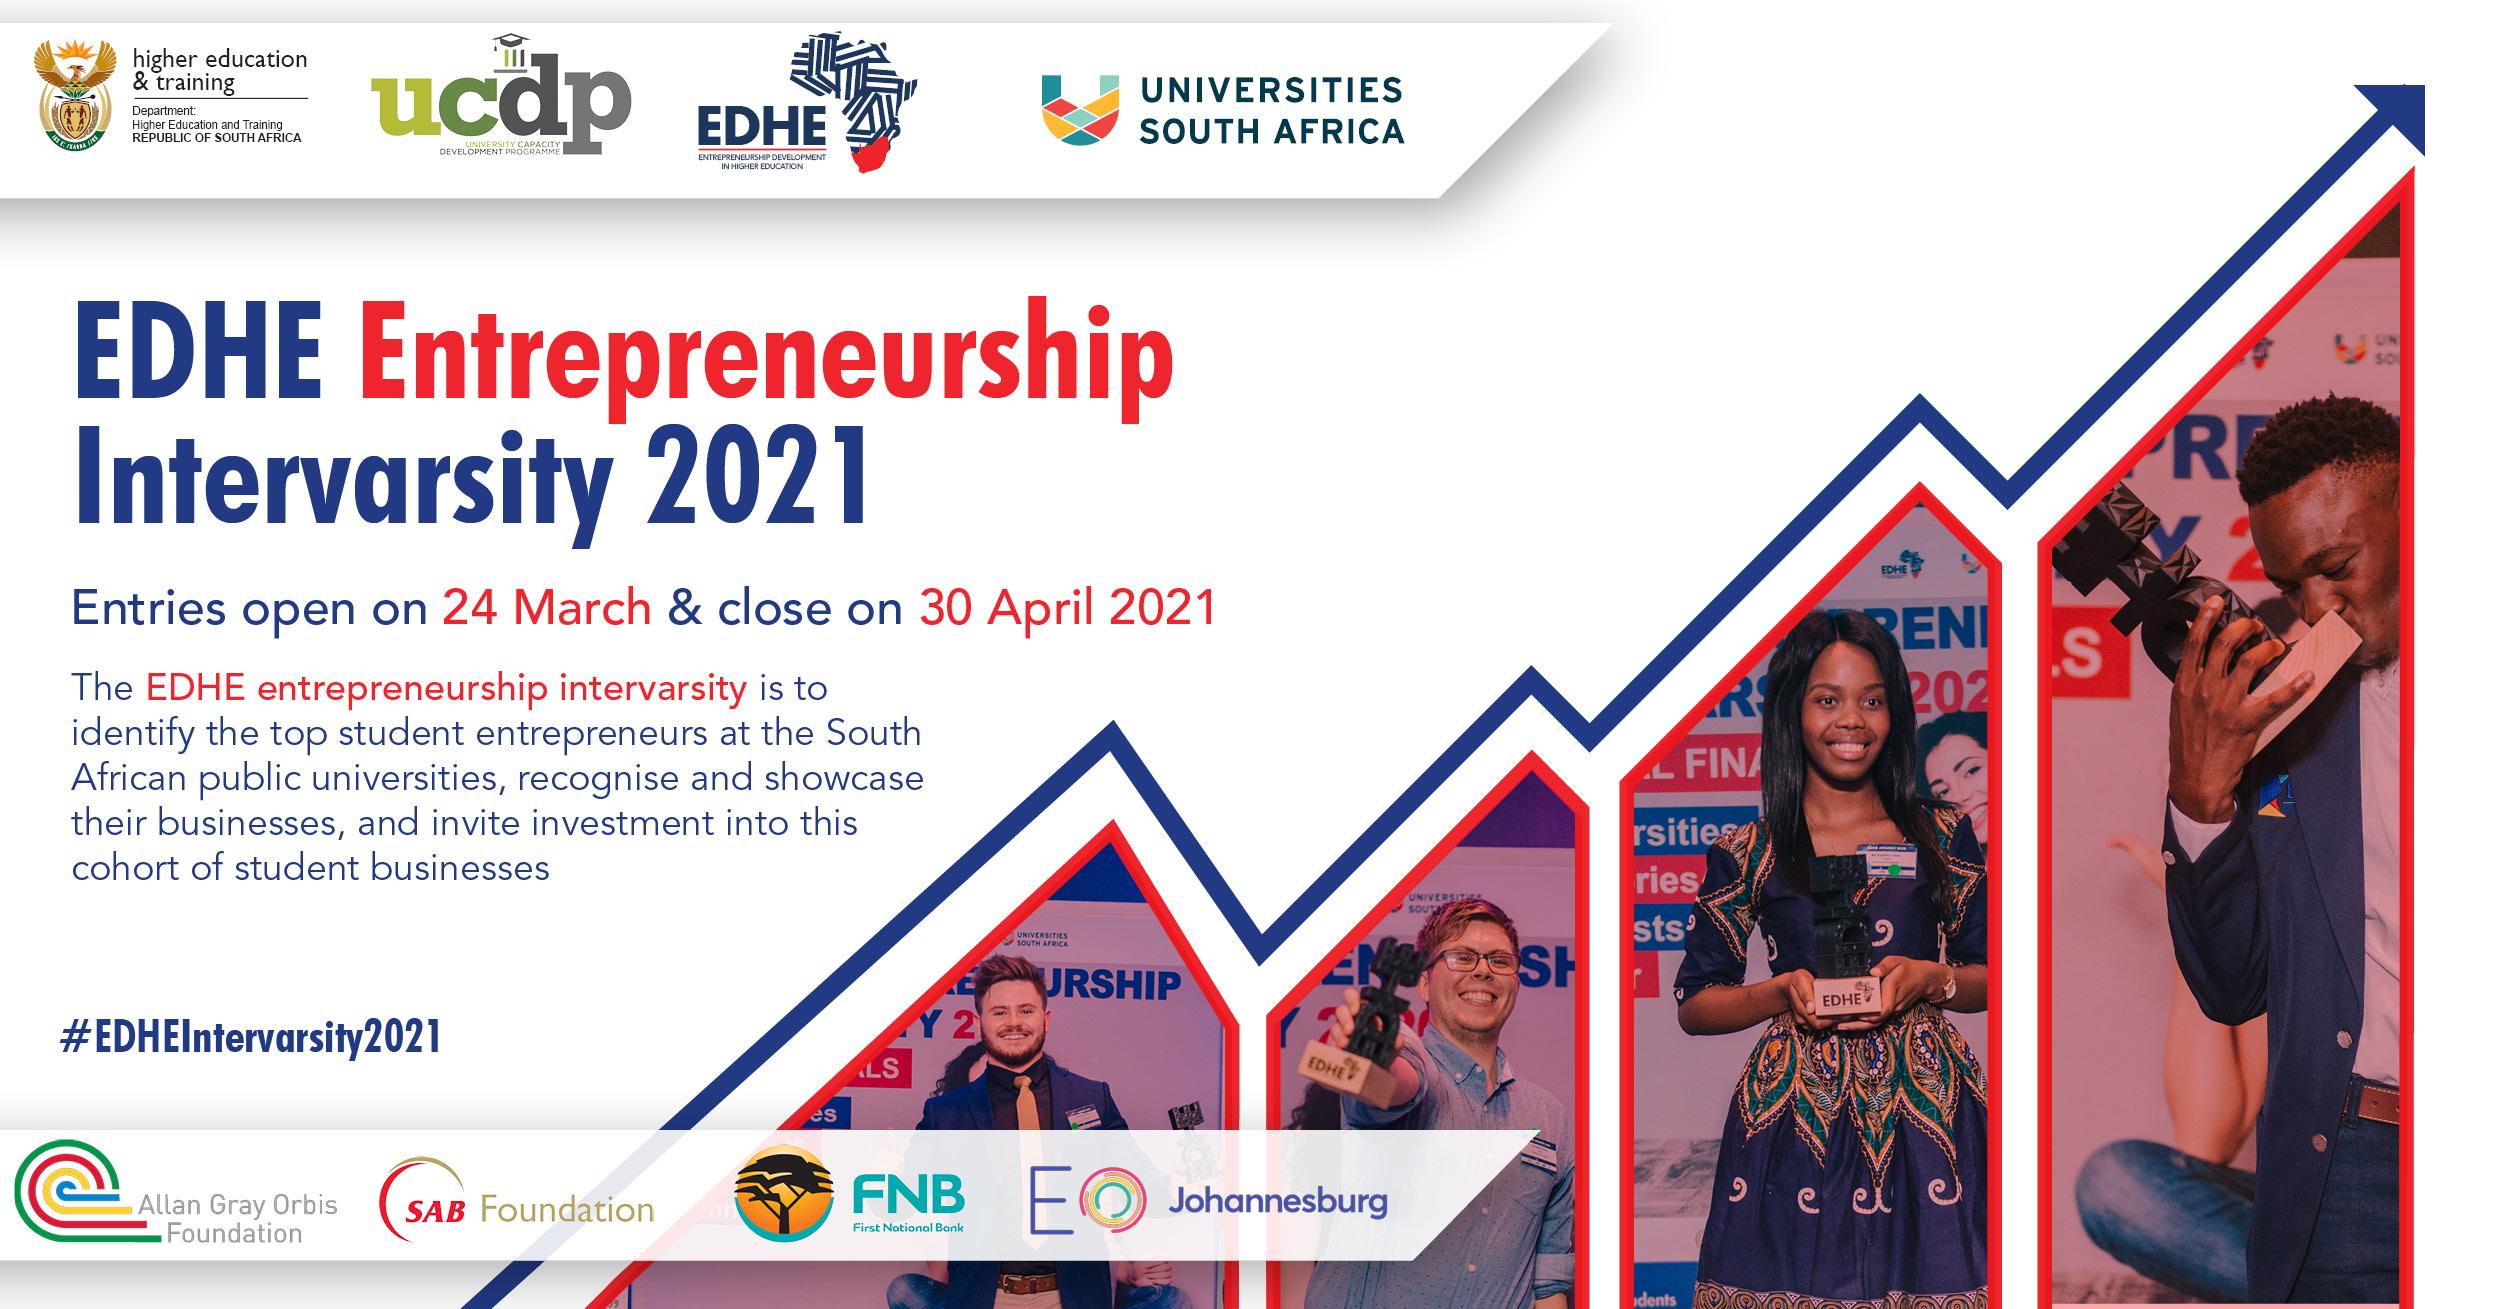 Entrepreneurship Development in Higher Education (EDHE) Intervarsity 2021